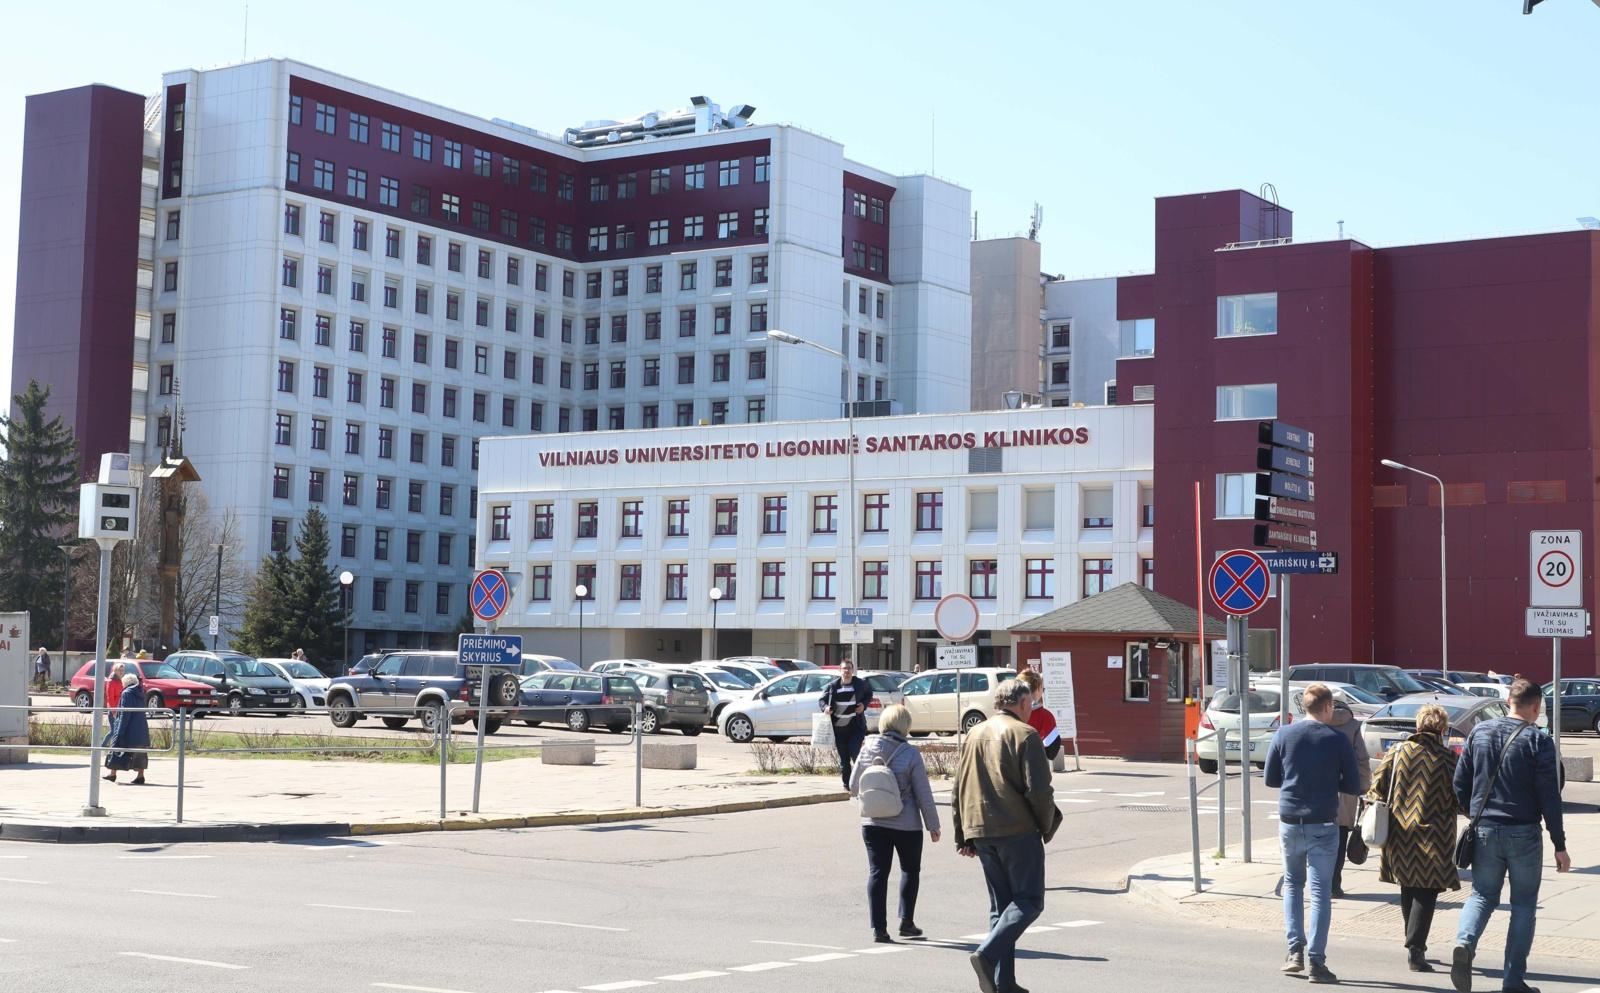 Visi trys nauji koronaviruso atvejai nustatyti Vilniaus sveikatos priežiūros įstaigose